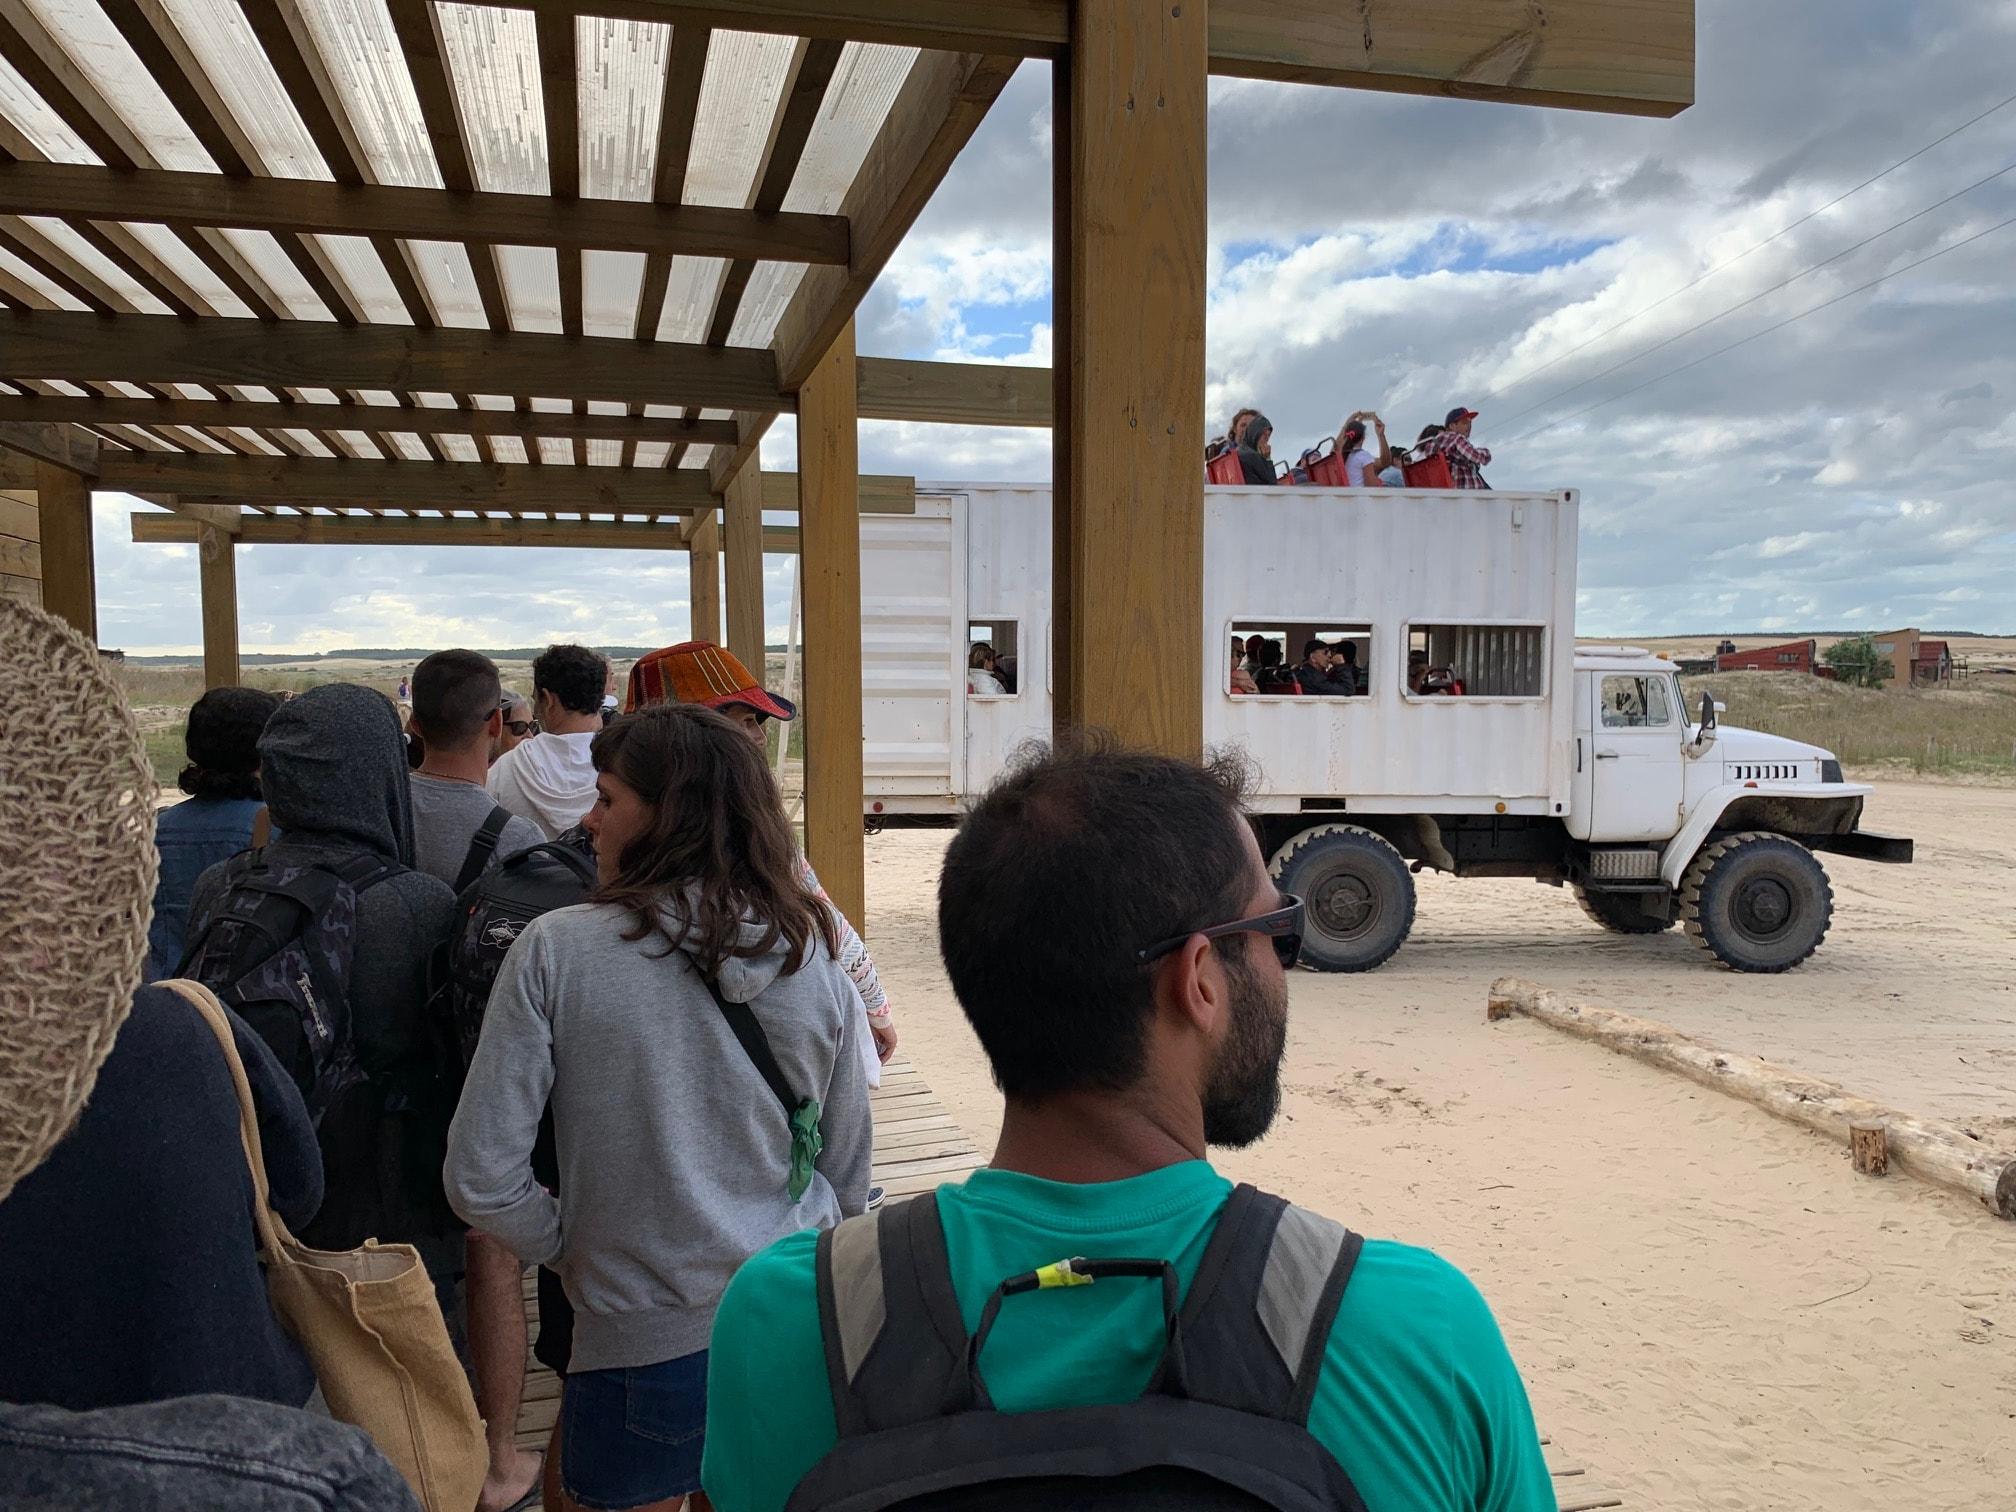 ¿Cómo llegar a Cabo Polonio? En camiones desde la Terminal de Cabo Polonio